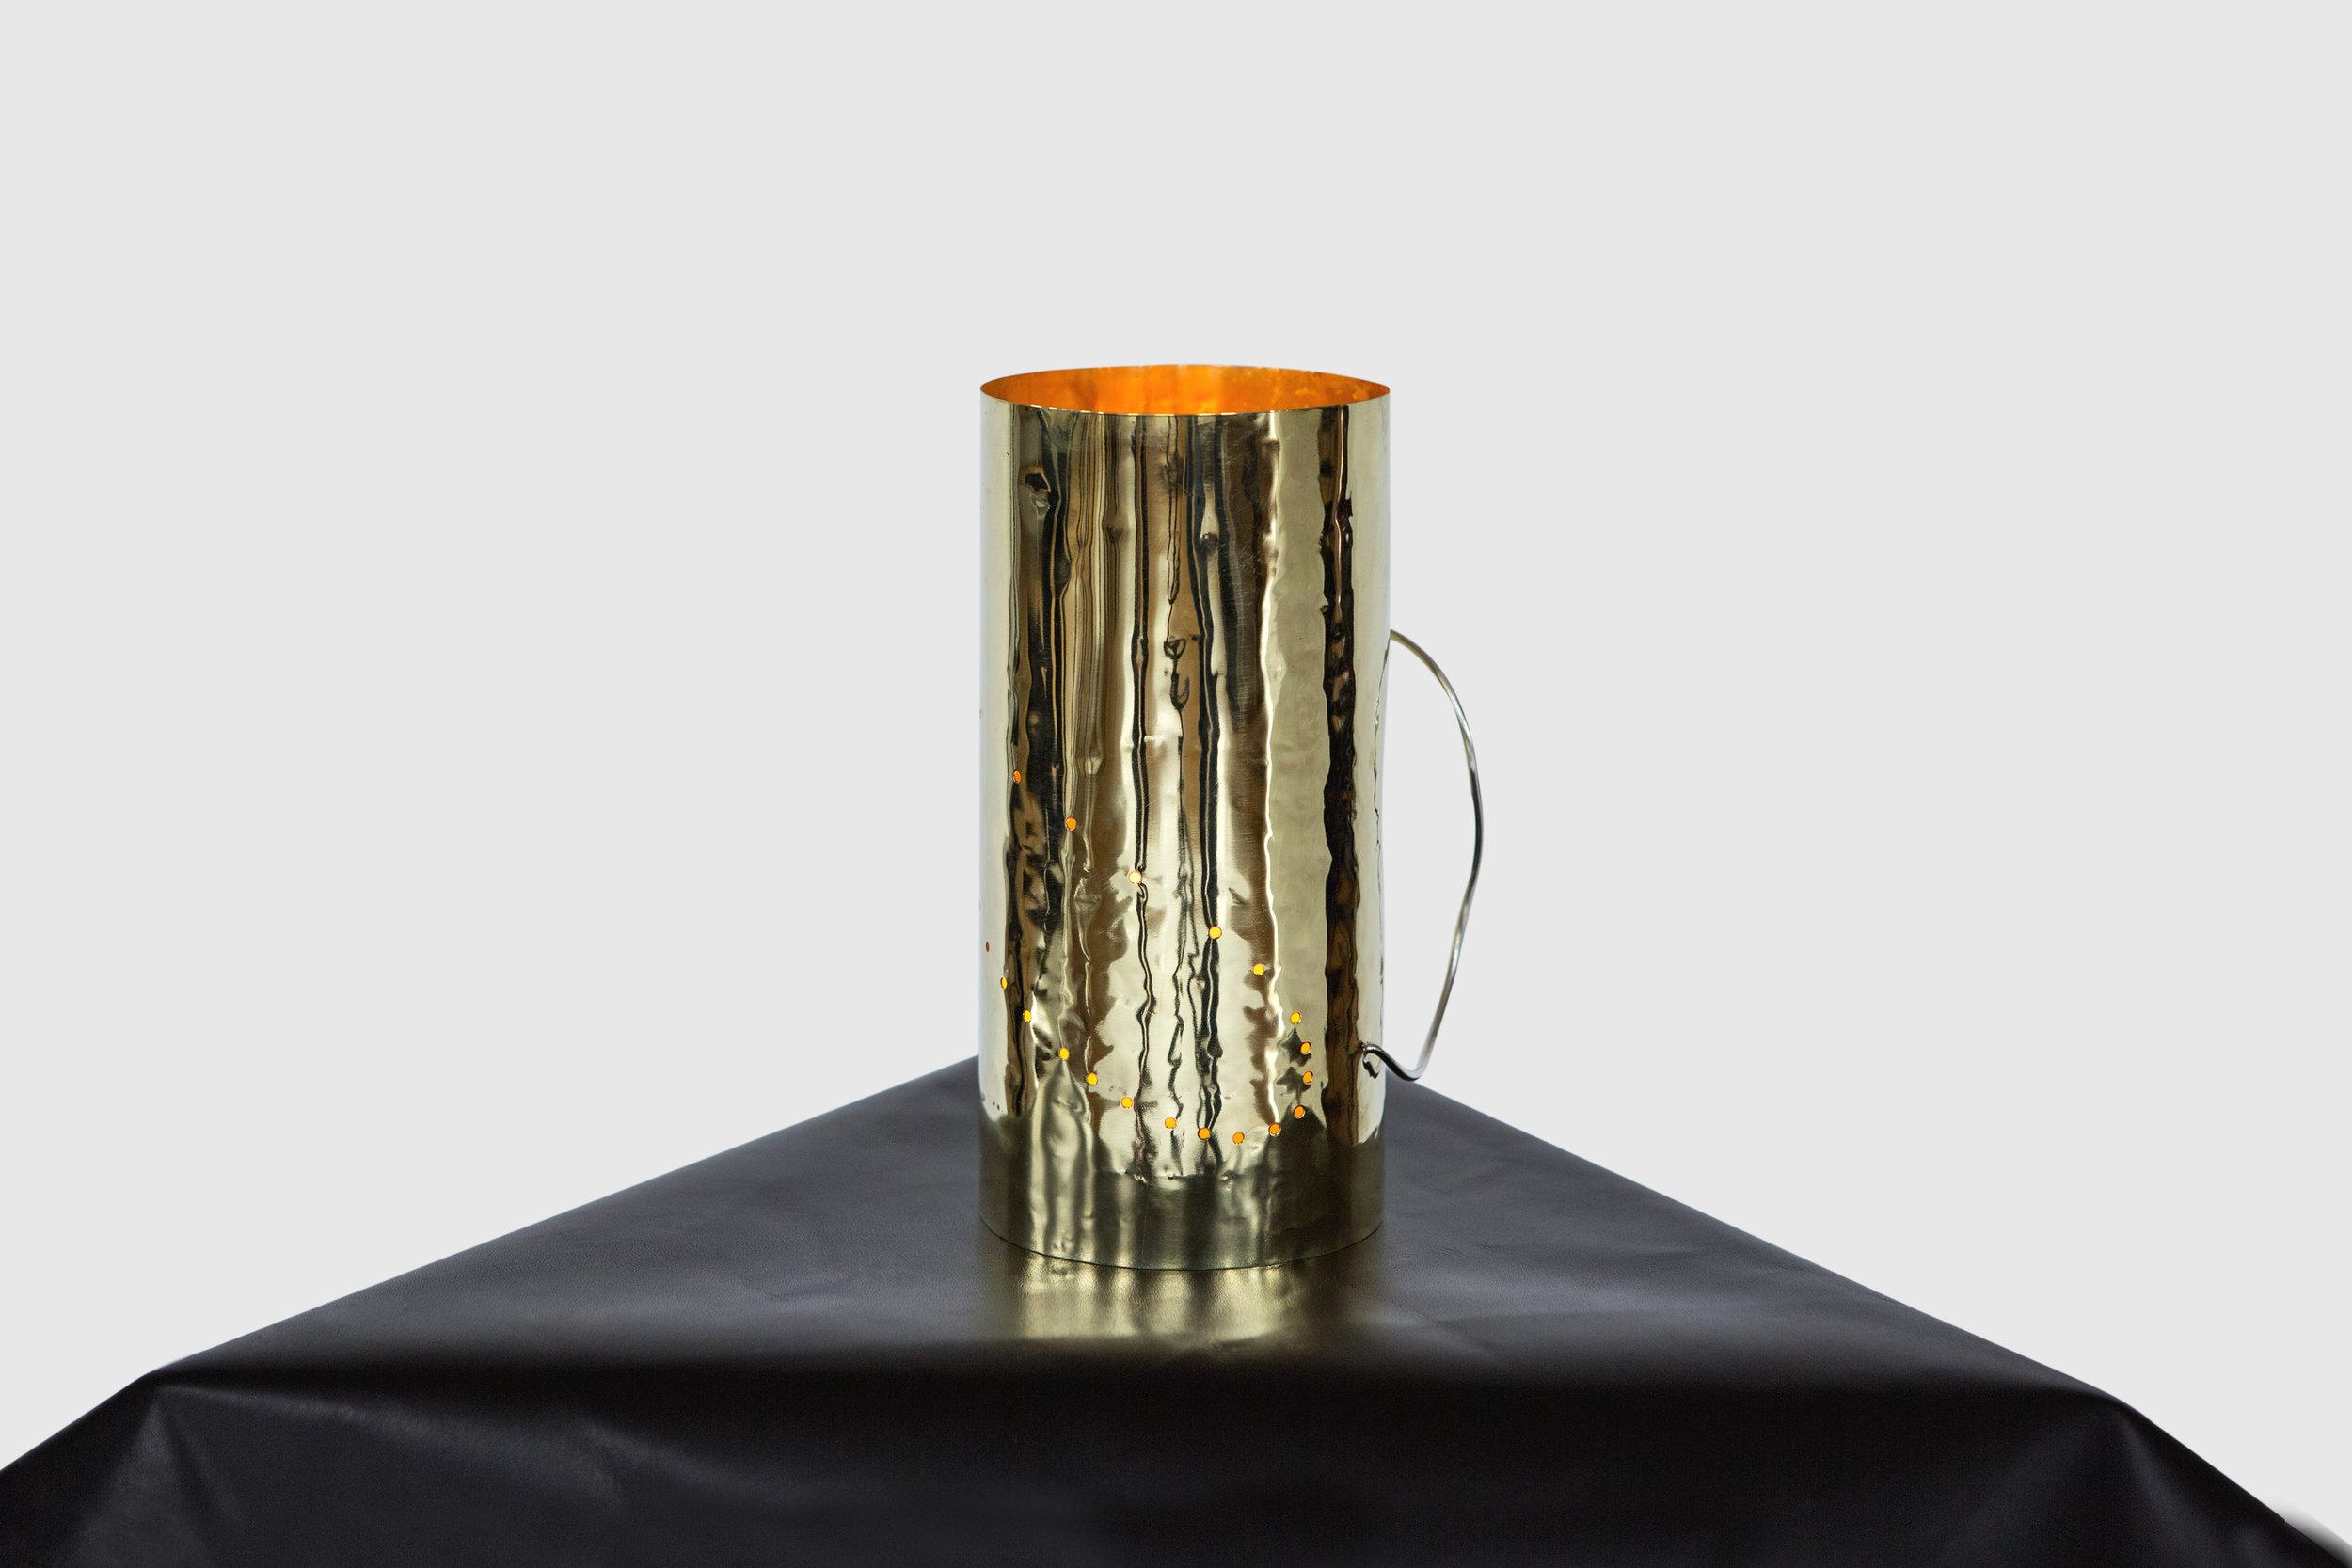 Metals_Candelight04.jpg